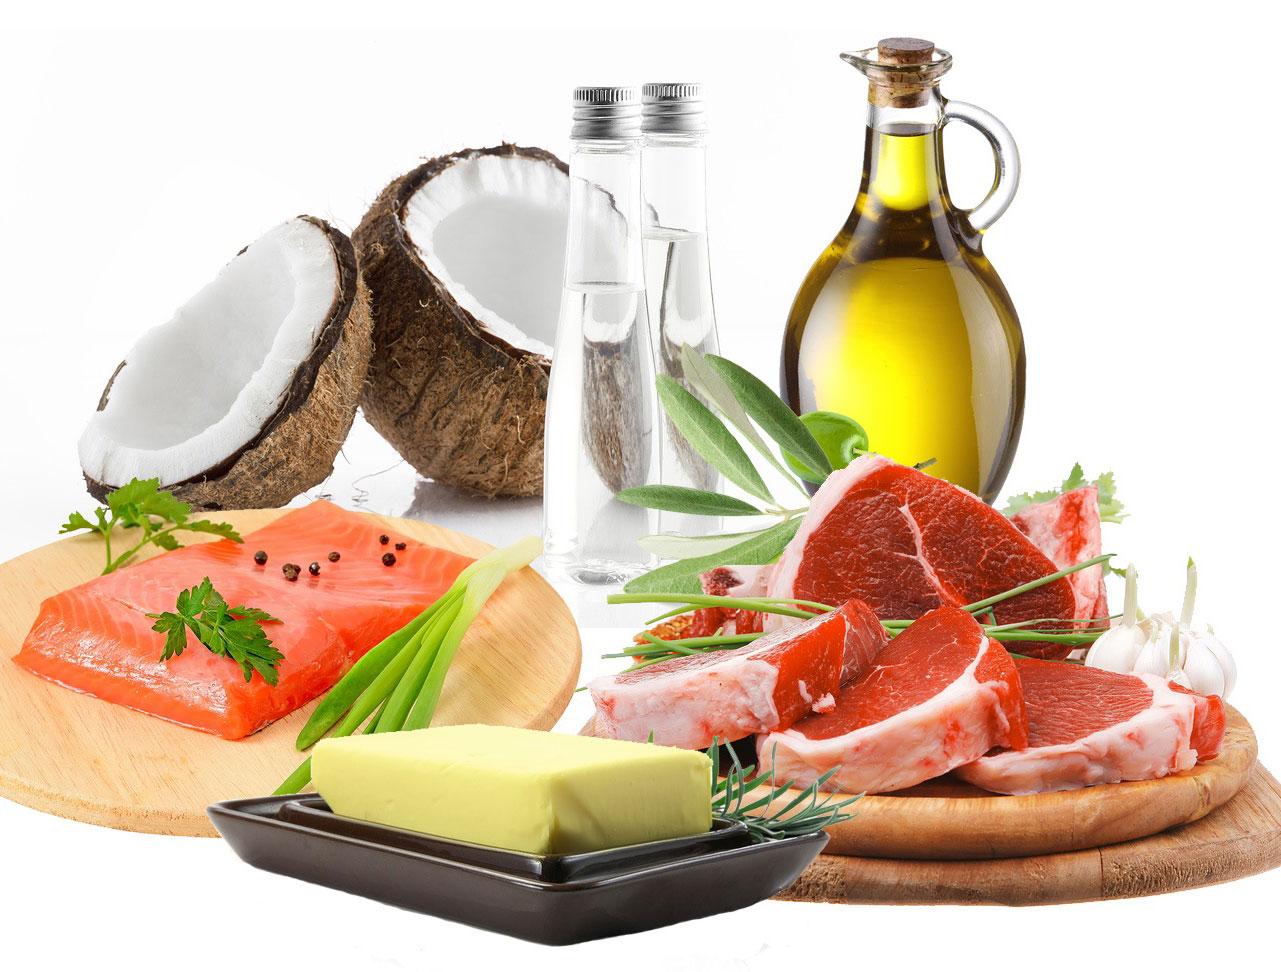 Las dietas altas en grasas podrían ayudarnos a vivir más y mejor